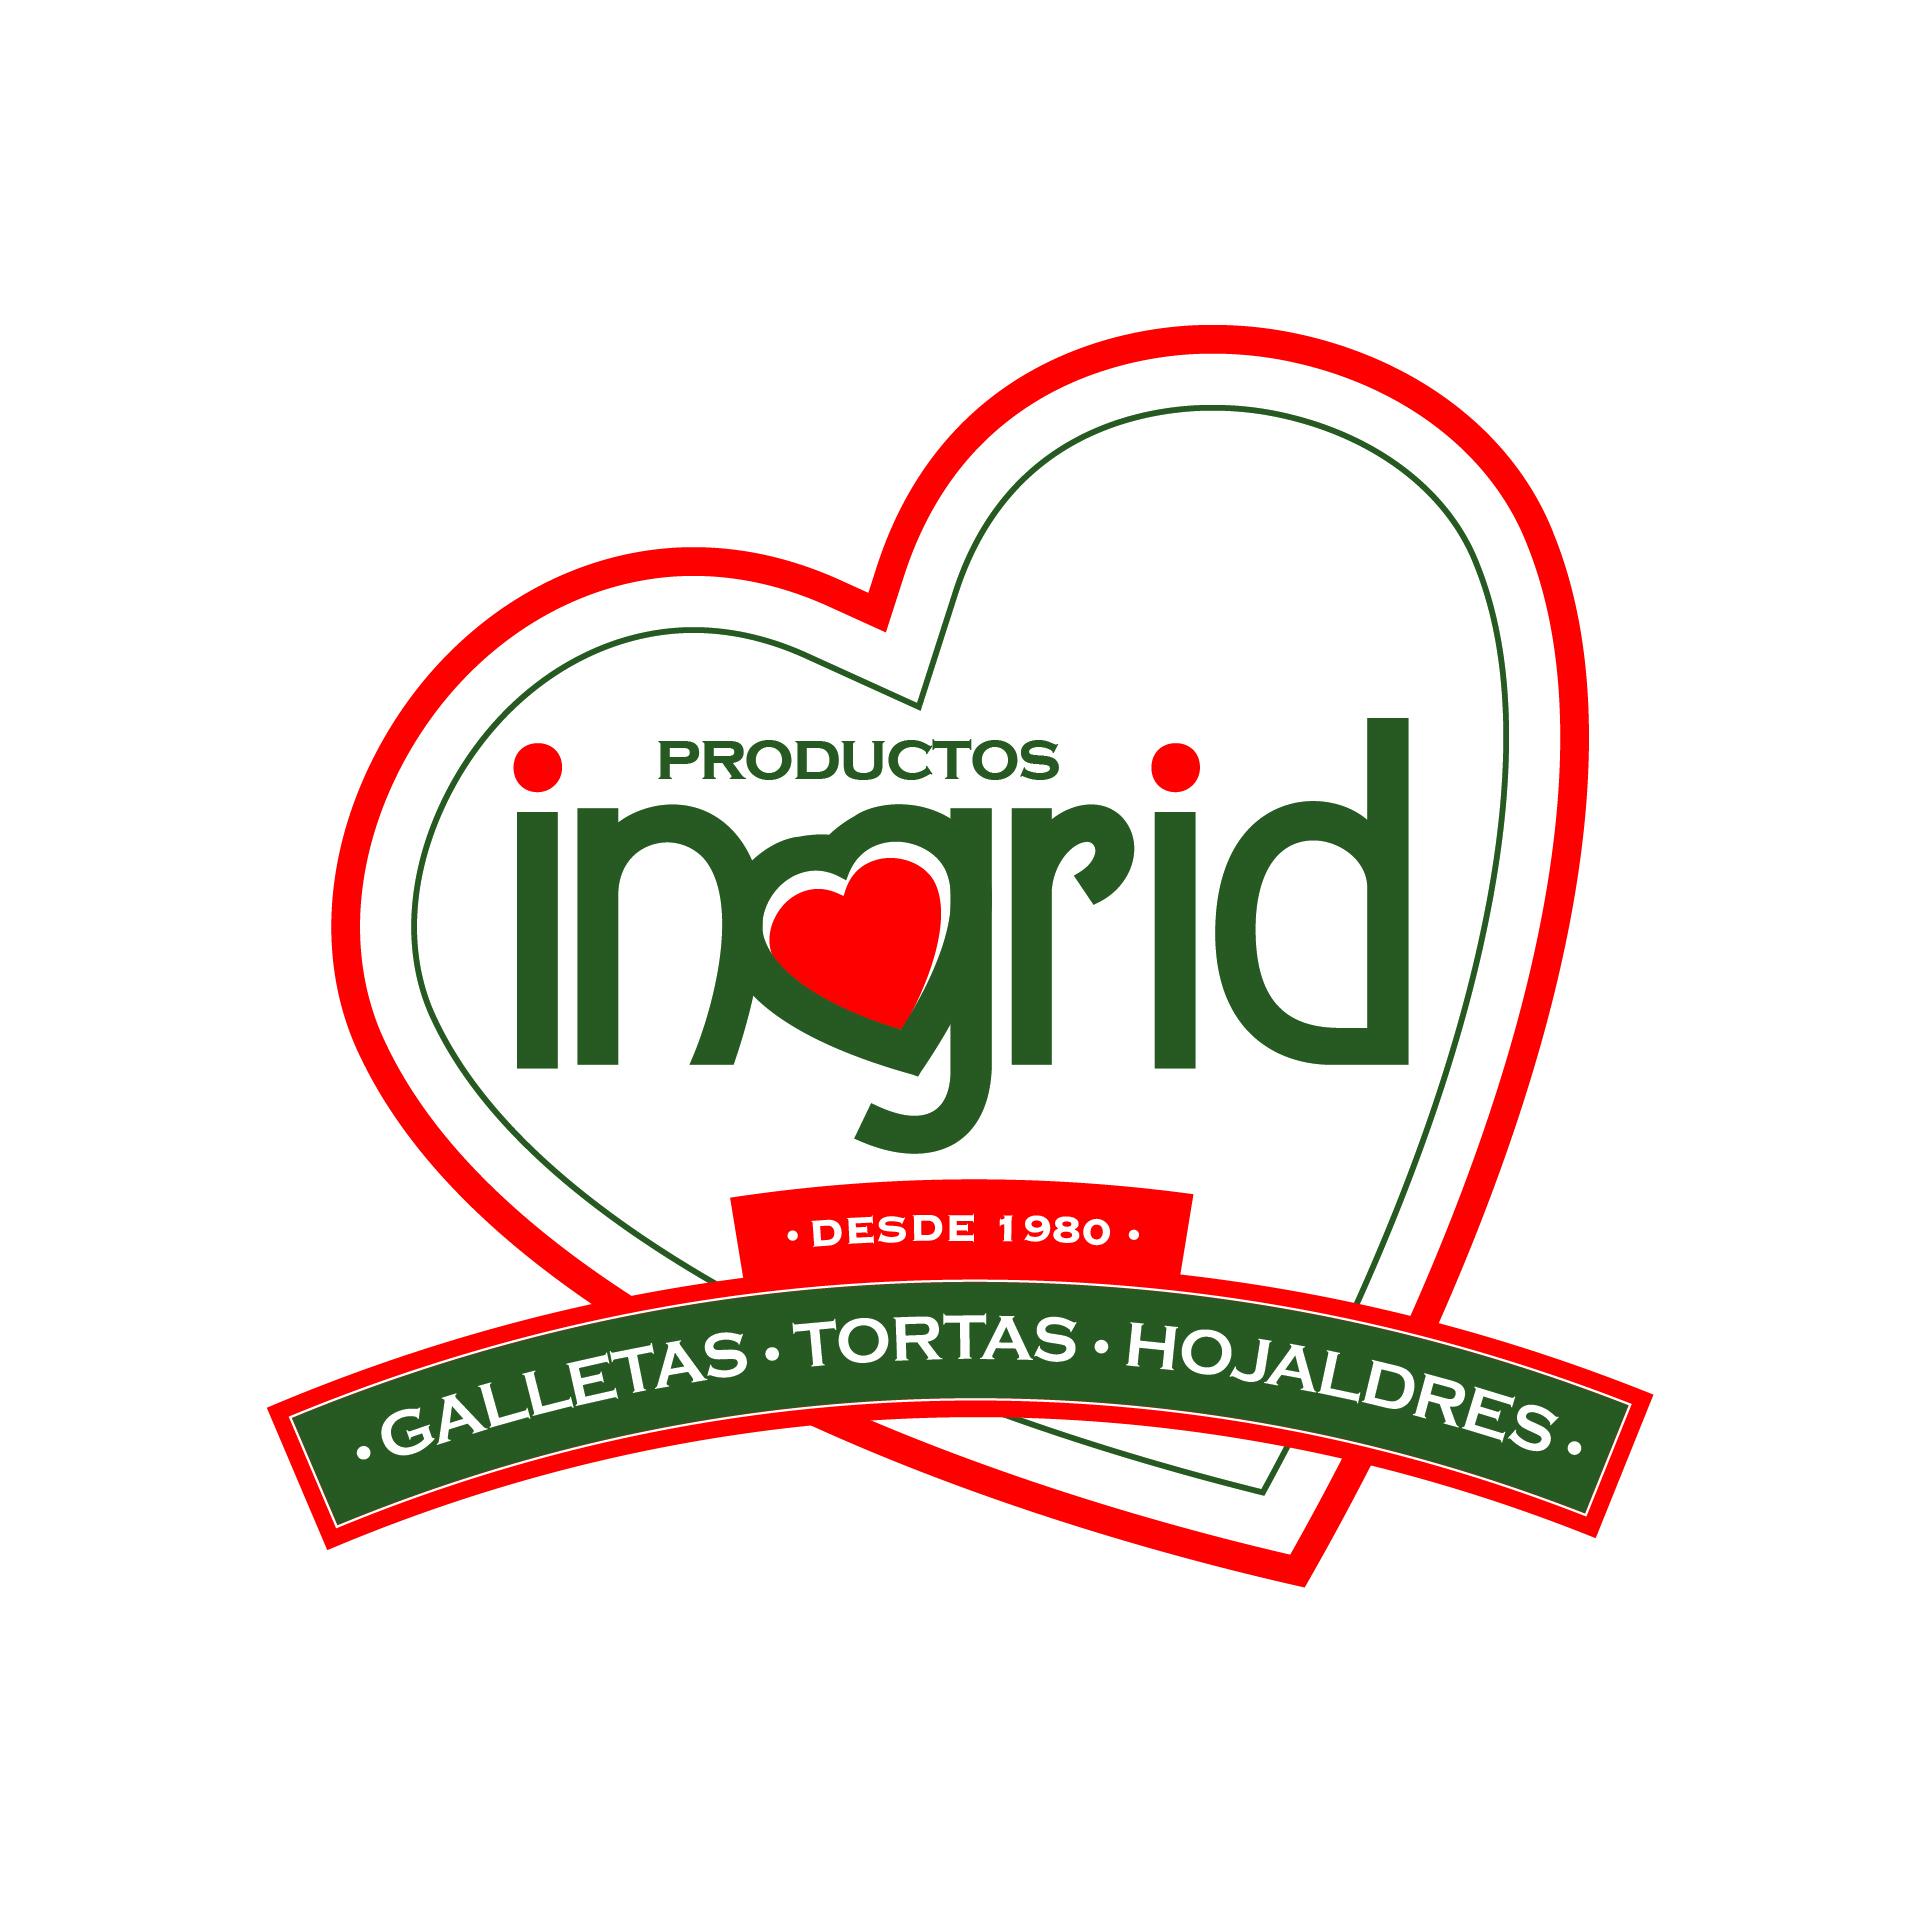 Logotipo para marca de productos de pasteleria y reposteria Productos Ingrid